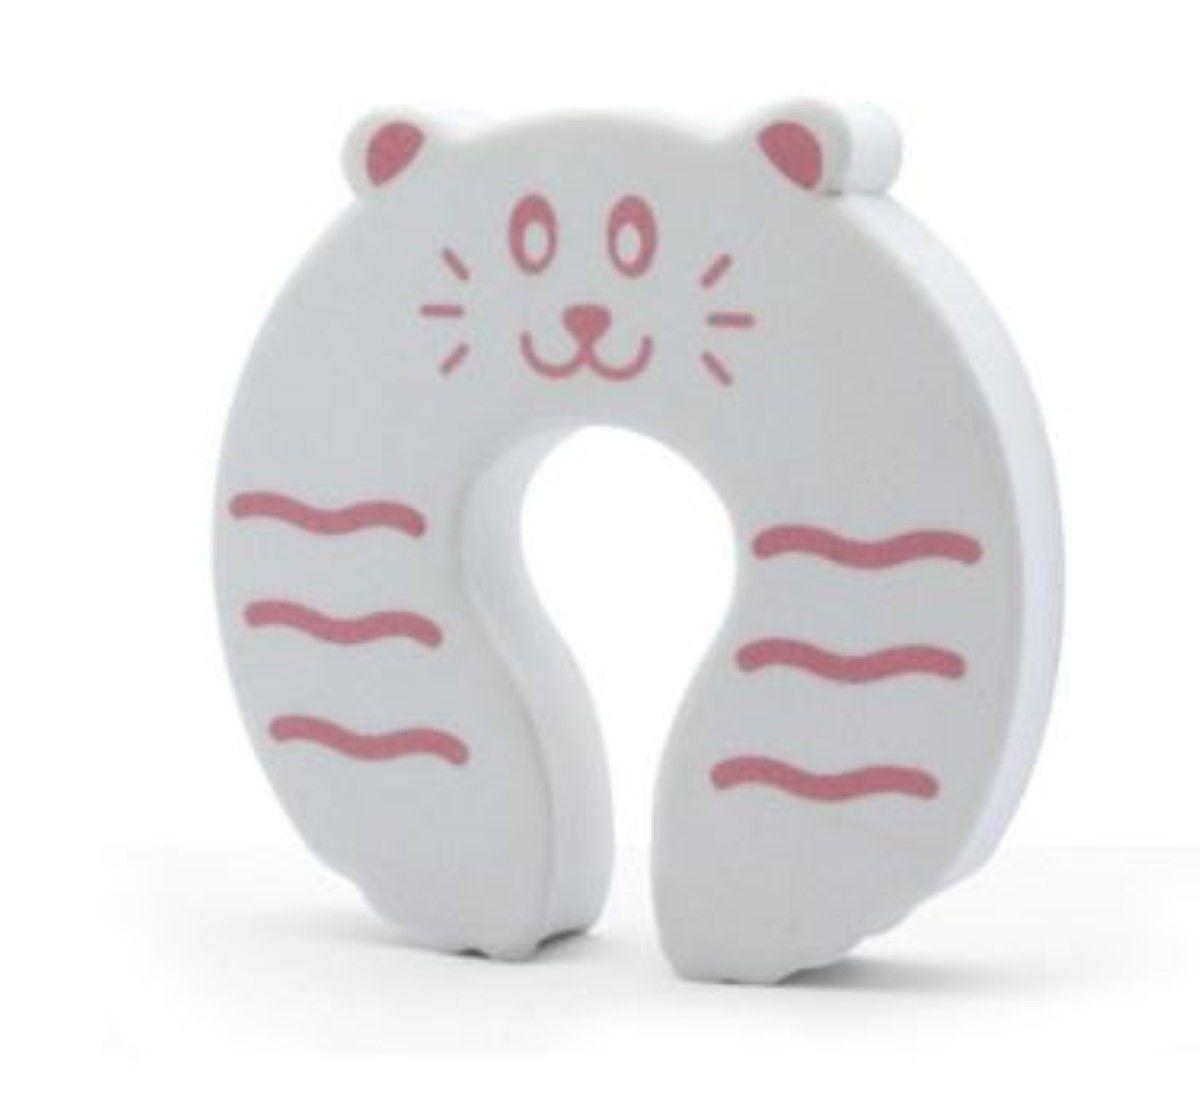 Kit Com 2 Protetor De Dedo Contra O Fechamento De Porta Seguranca Bebe Crianca Protetor Salva Dedos Branco Kababy